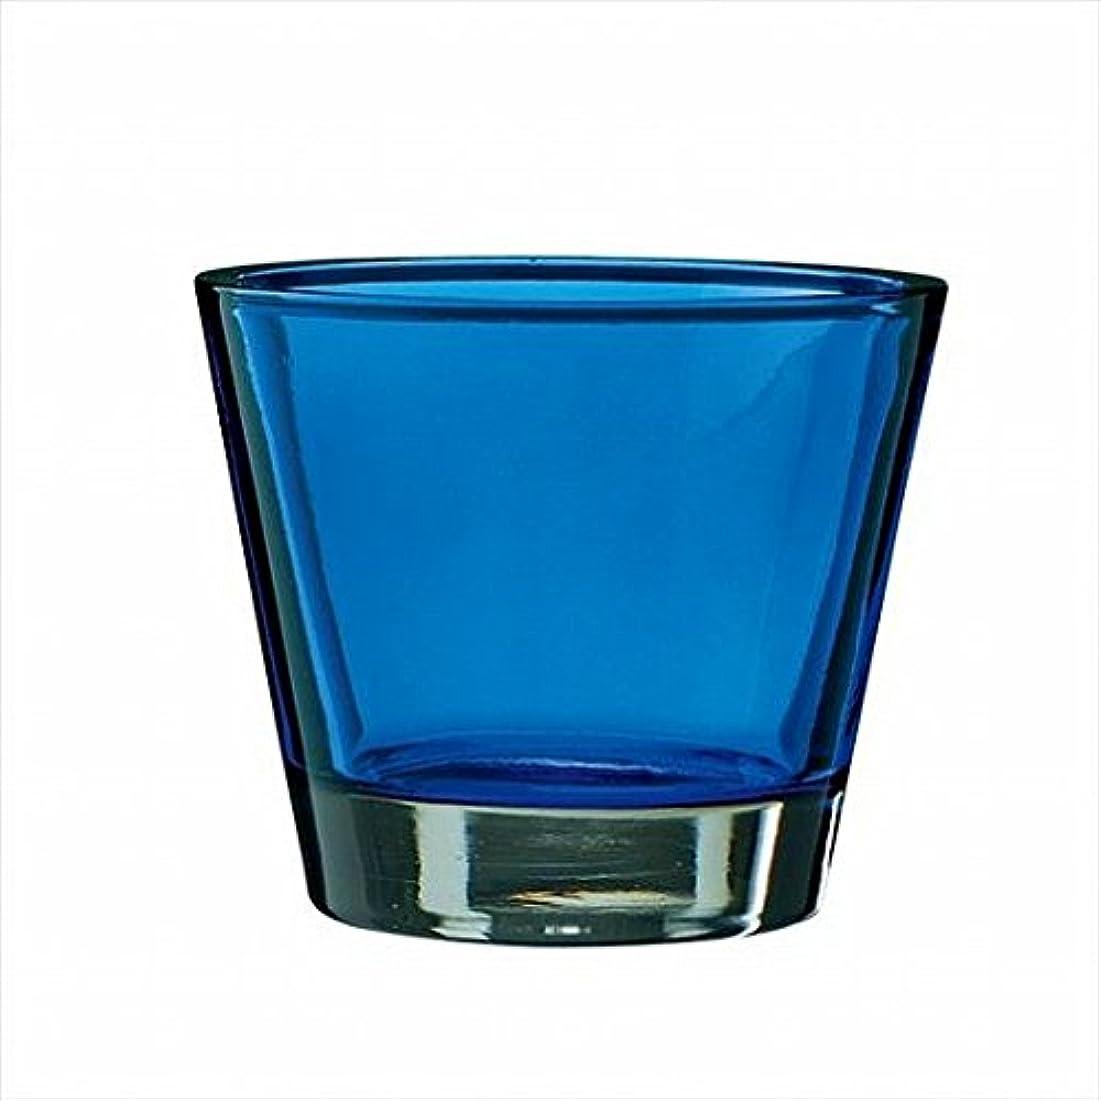 実際彫る塩辛いkameyama candle(カメヤマキャンドル) カラリス 「 ブルー 」 キャンドル 82x82x70mm (J2540000B)